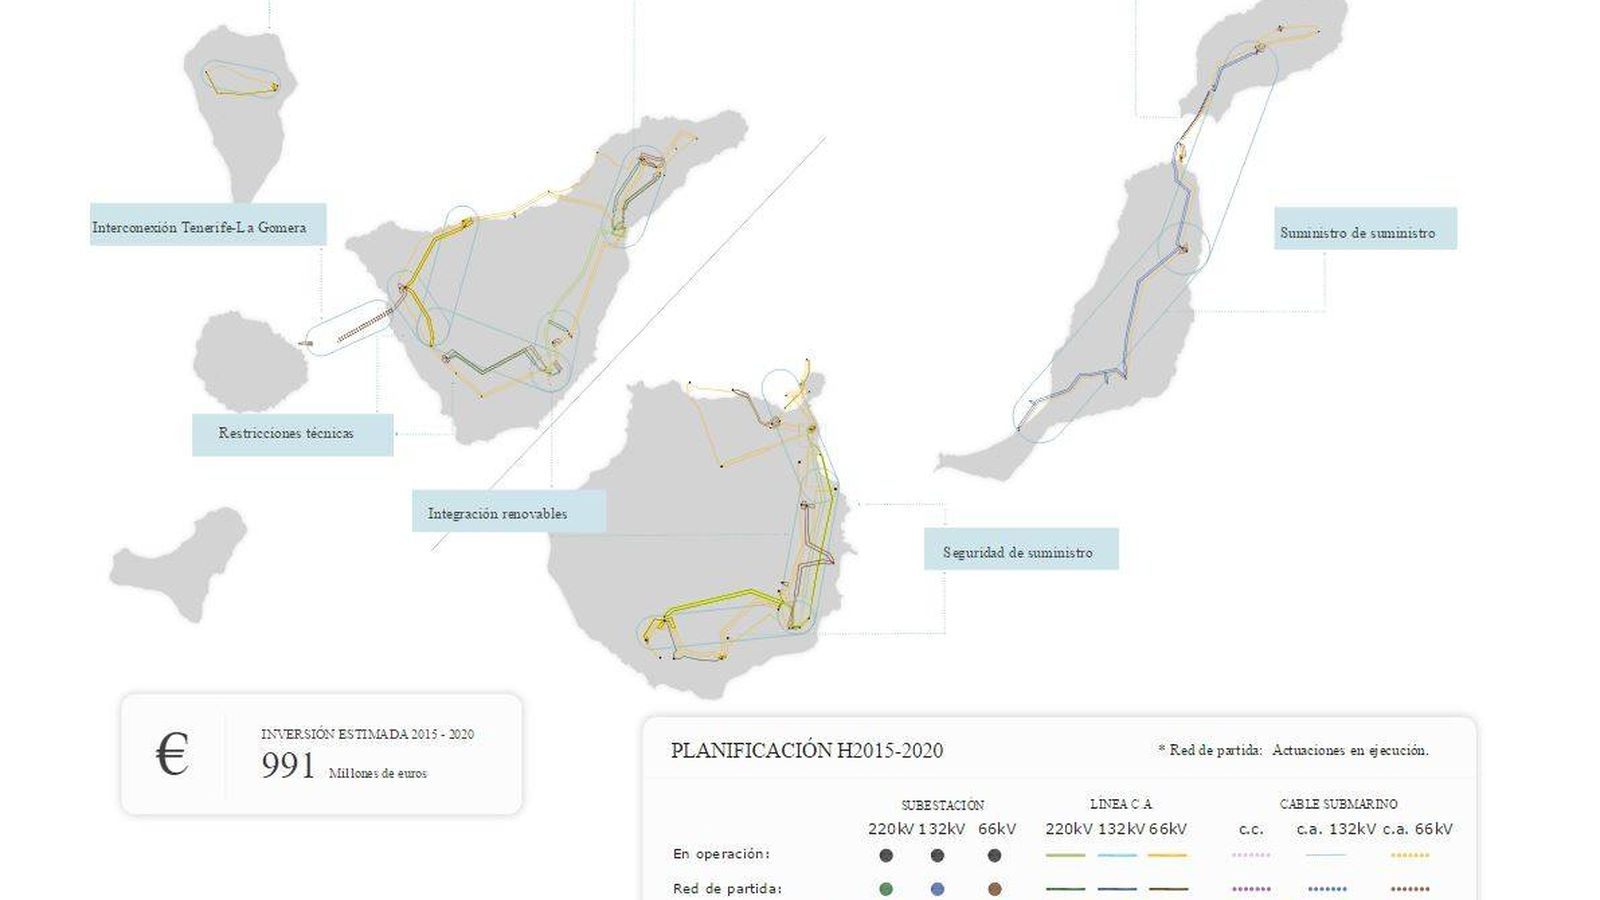 Del petróleo a las renovables: así está cambiando Canarias su modelo energético